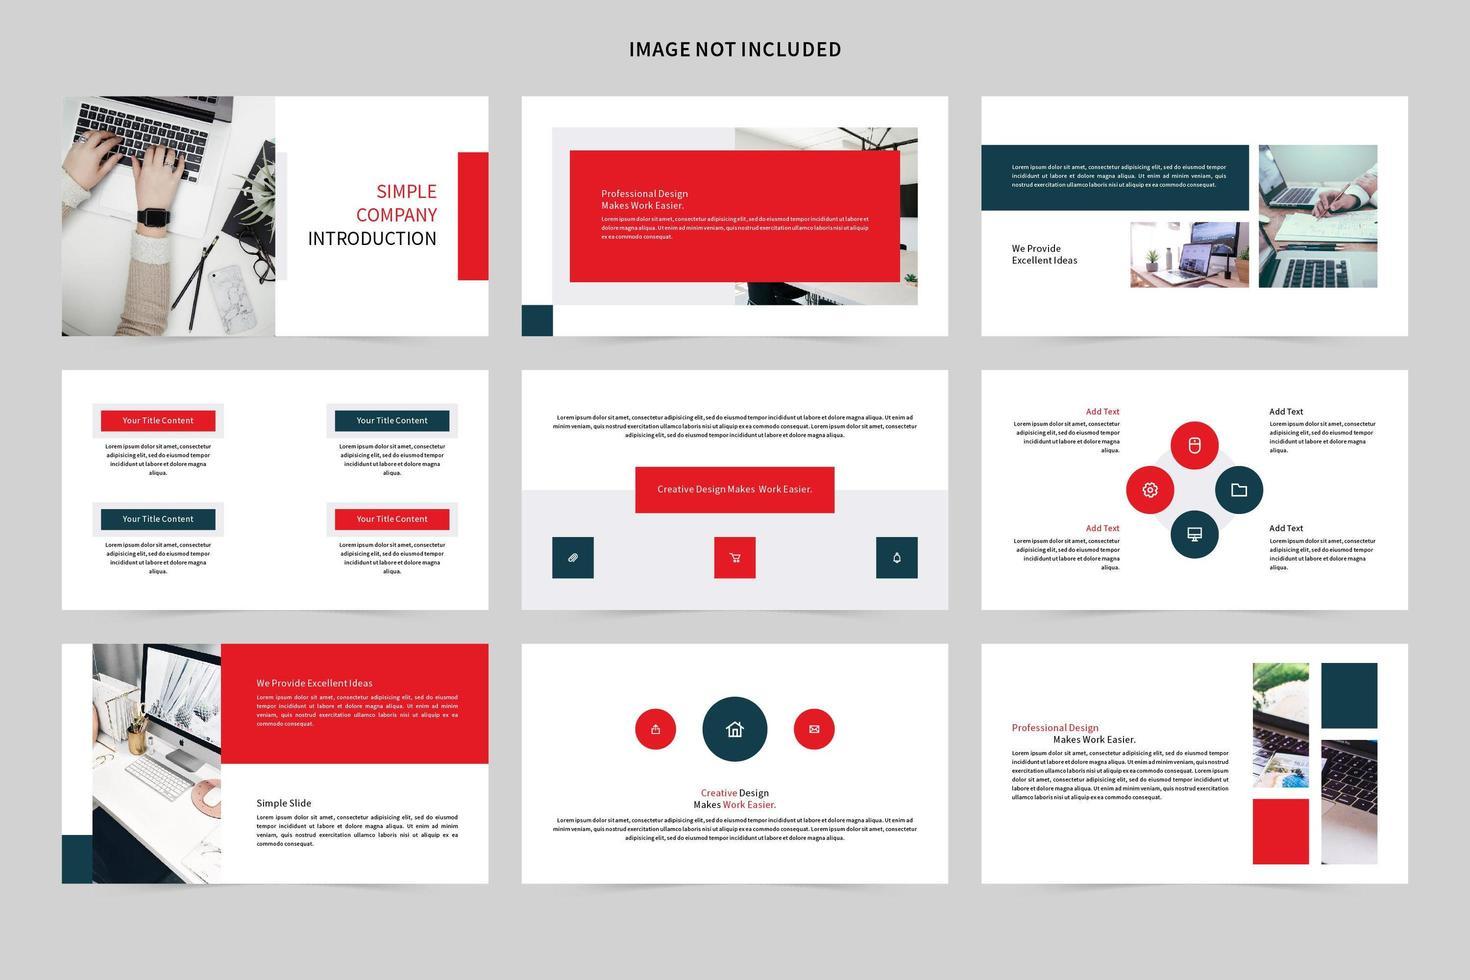 jeu de diapositives de démonstration d'introduction simple vecteur